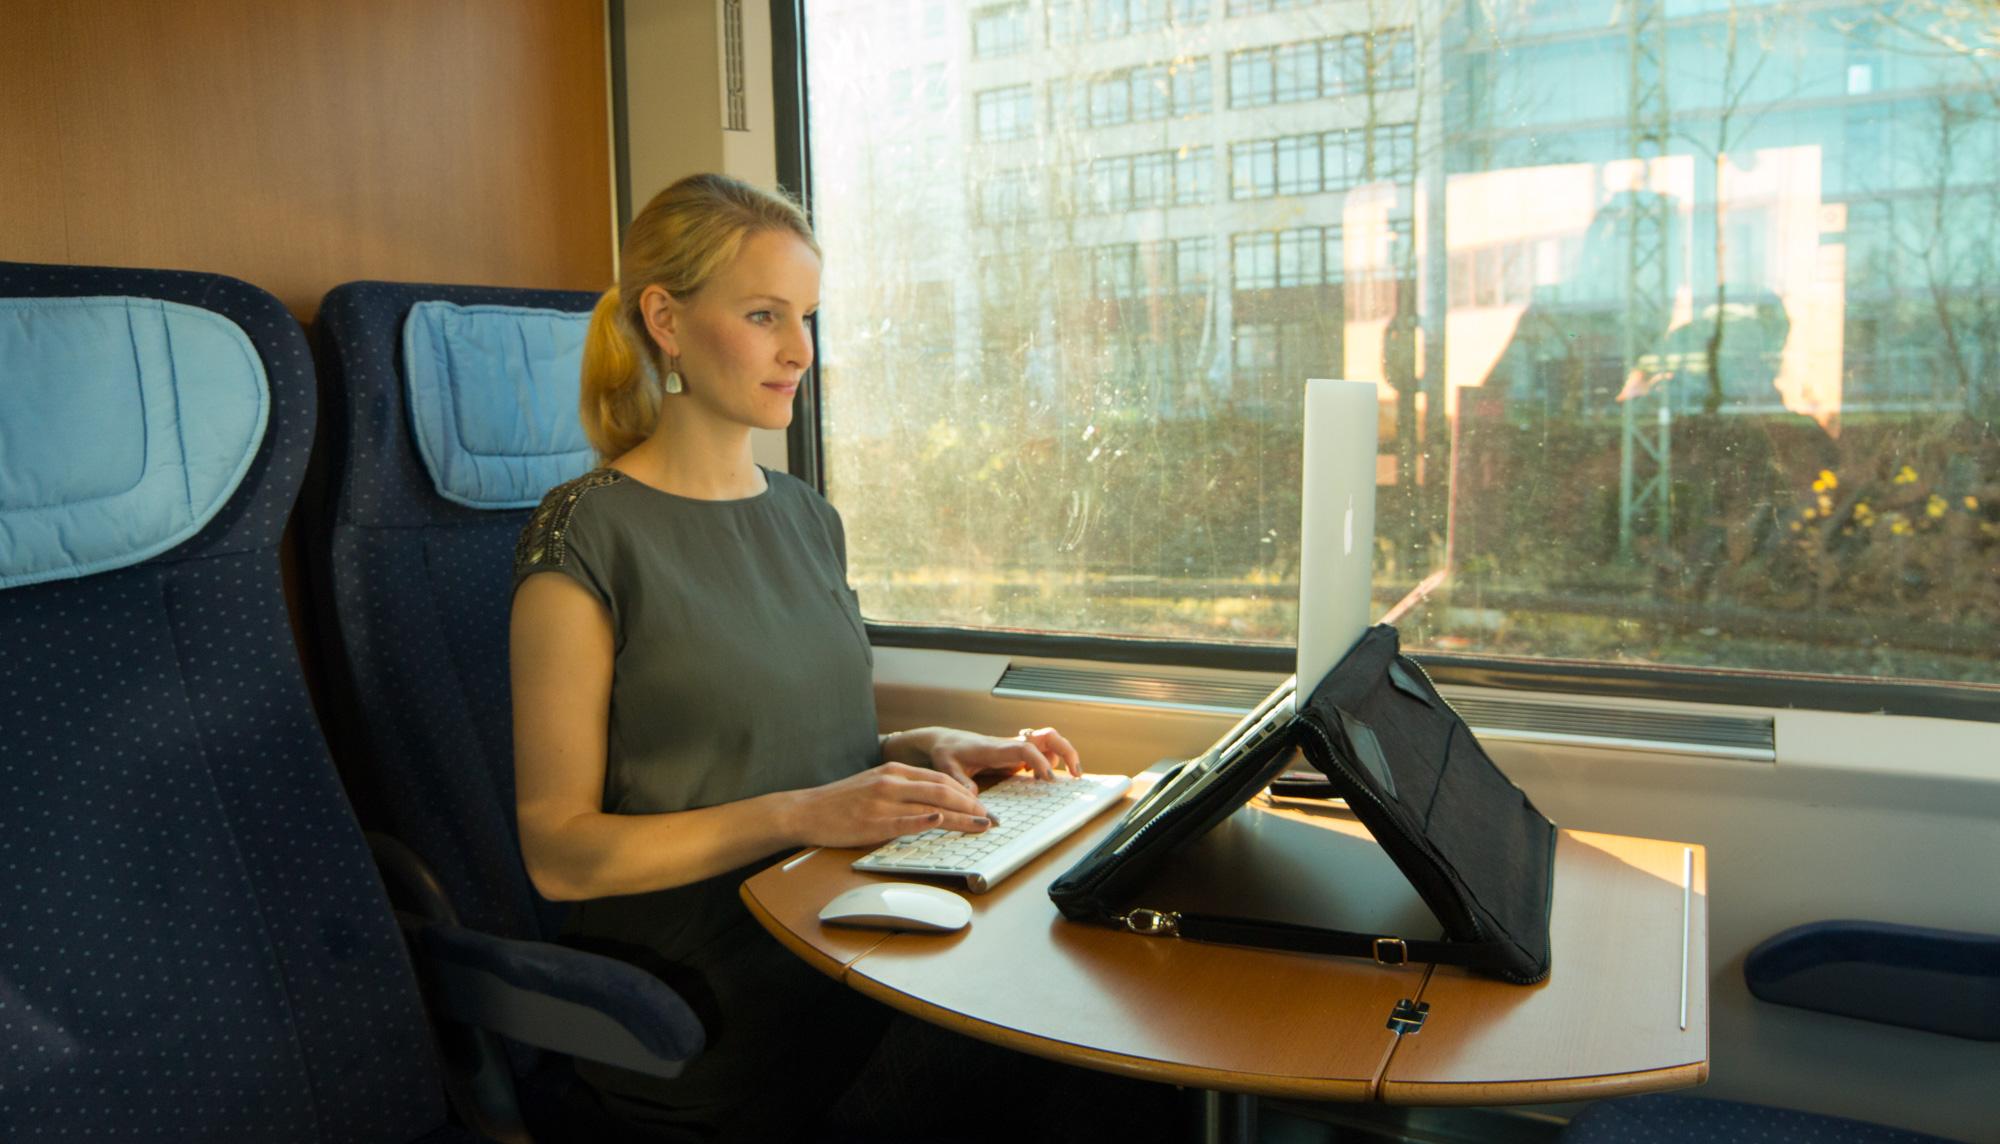 Helcy Notebooktasche im Zug